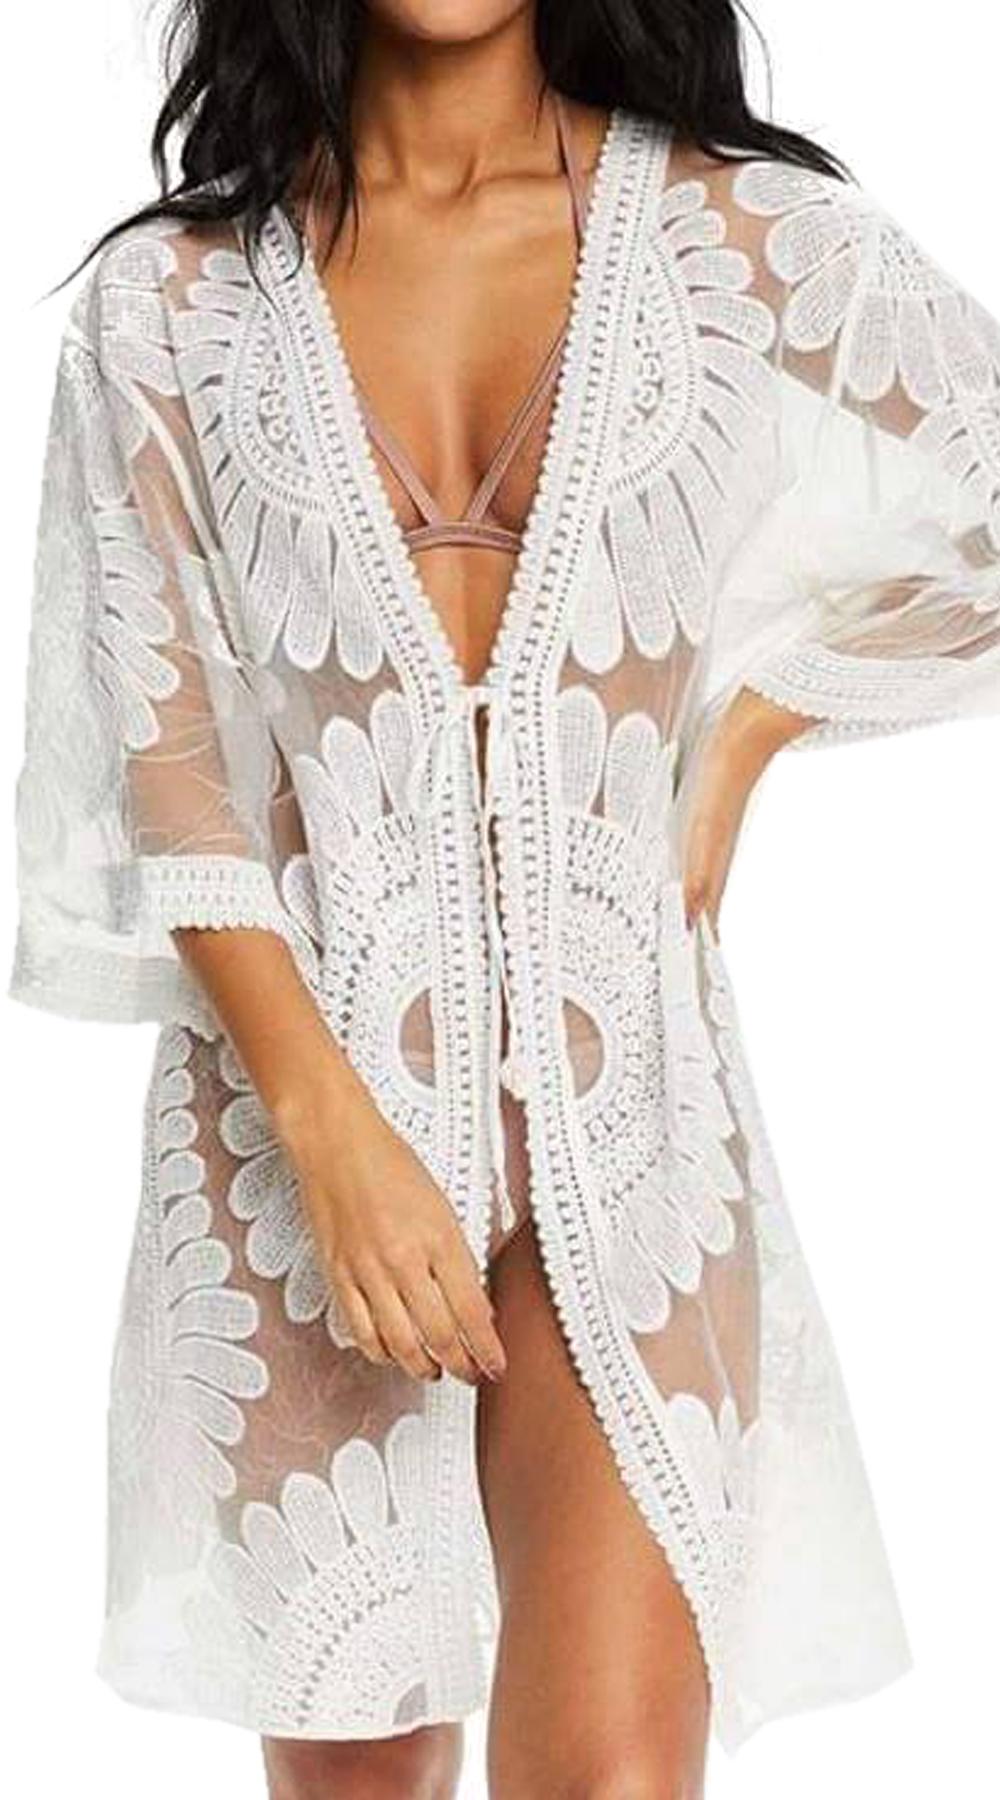 Γυναικείο έθνικ καφτάνι με διαφάνεια - OEM - S17SOF-85699 top trends boho style